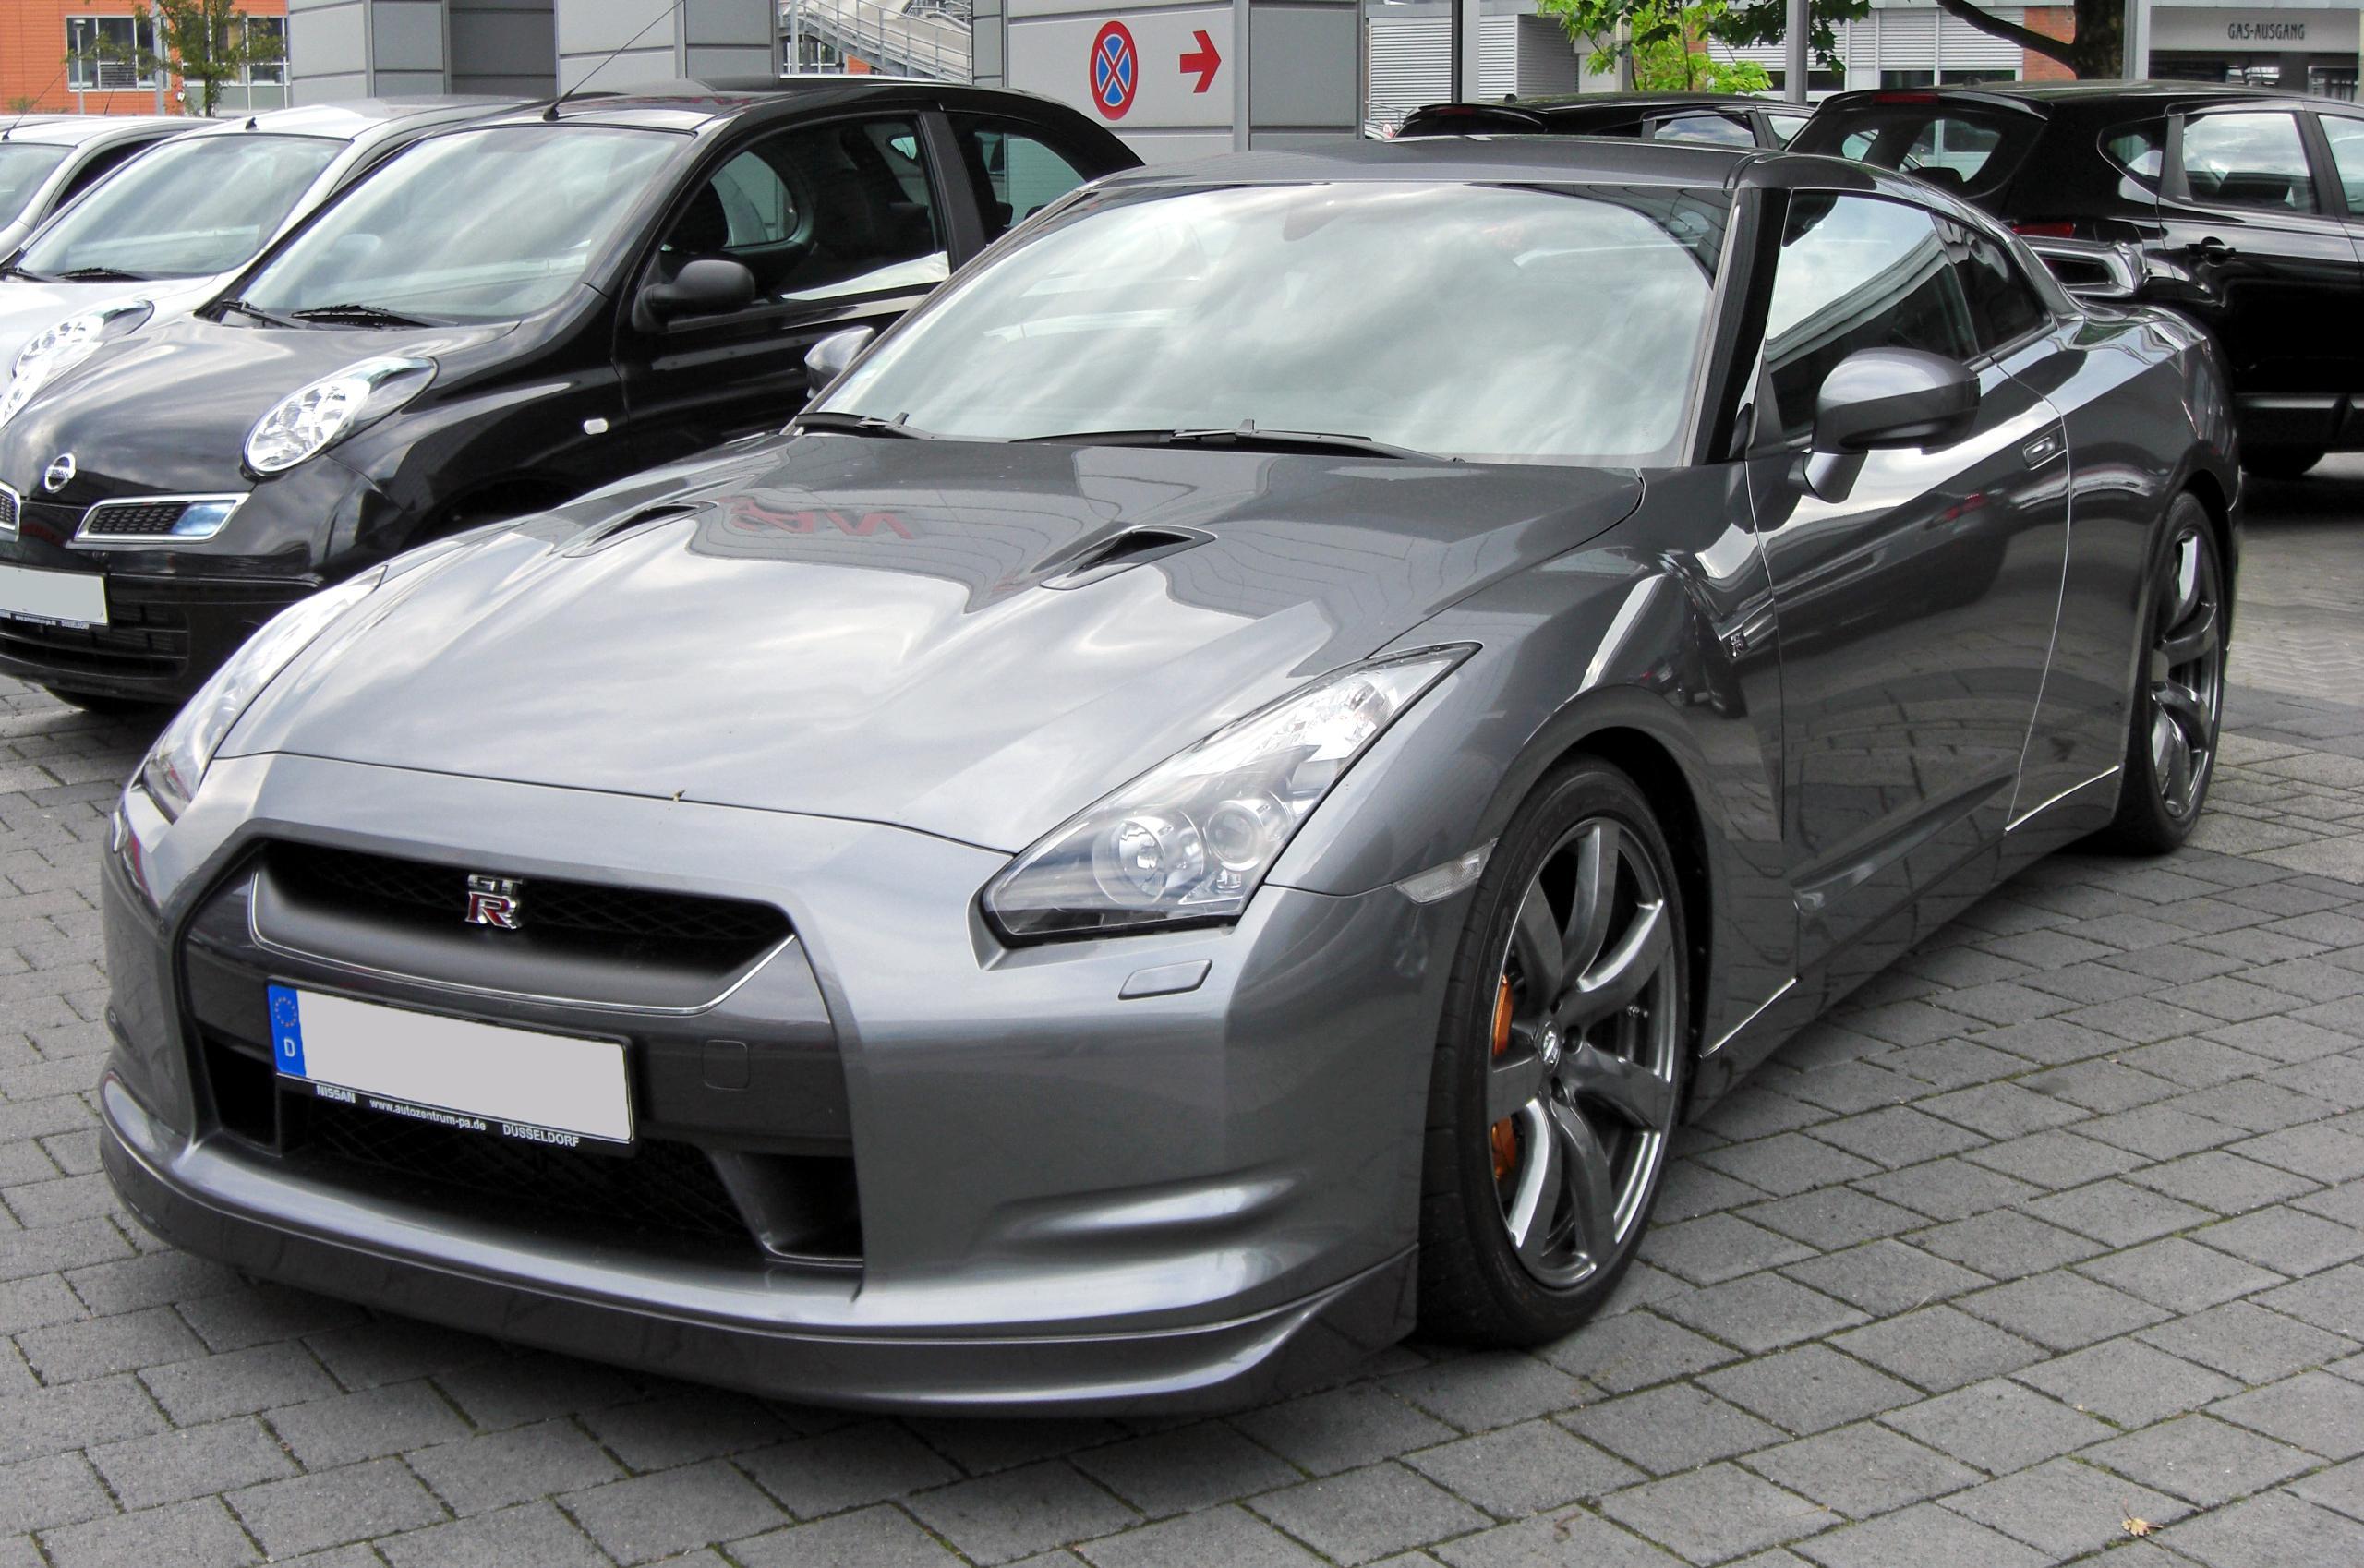 File:Nissan GT-R, Montauk (10319021133).jpg - Wikimedia